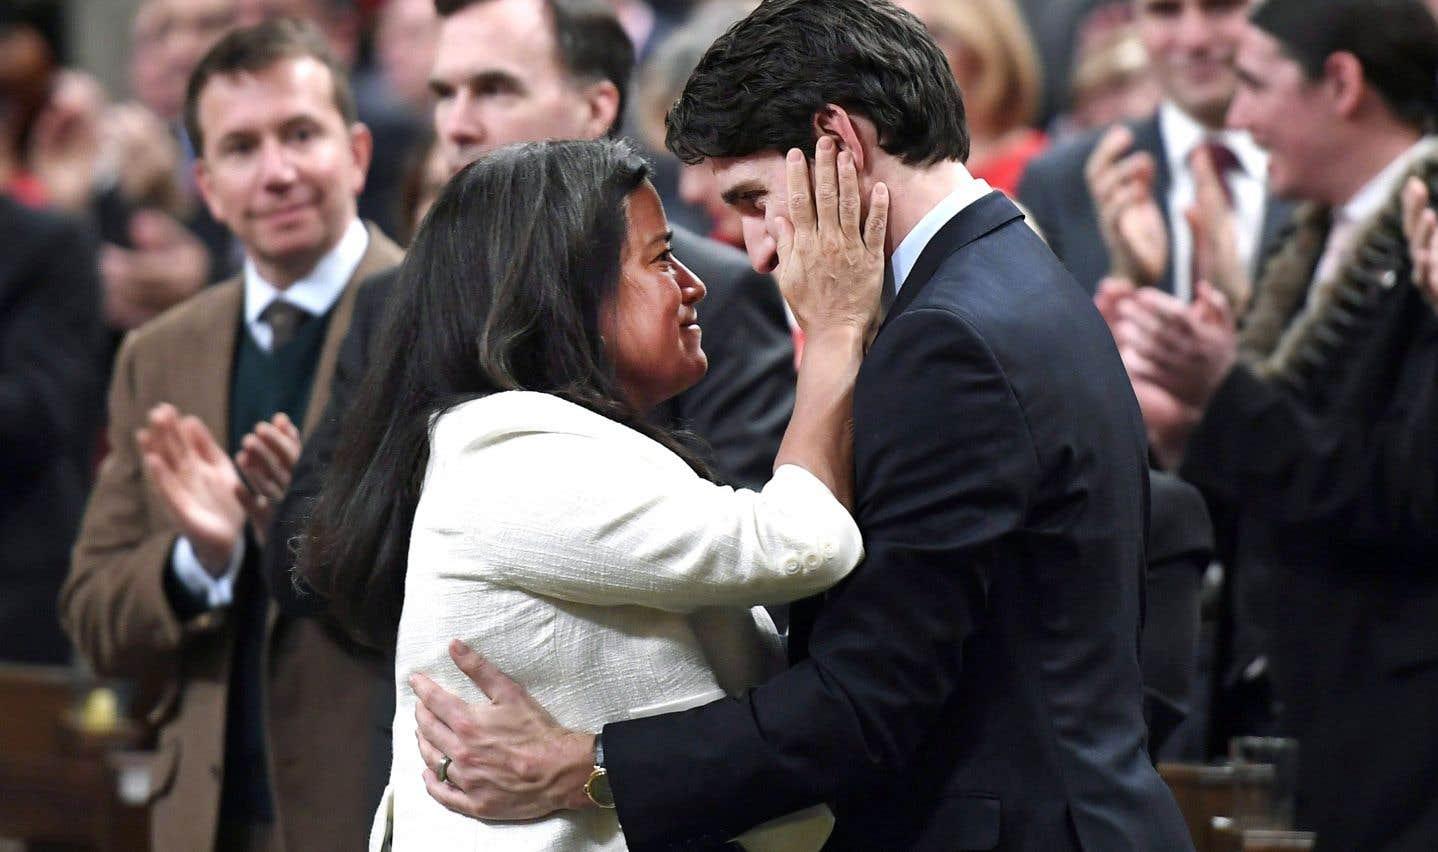 Émue par le discours de Justin Trudeau sur les relations entre le gouvernement et les autochtones, la ministre de la Justice, Jody Wilson-Raybould — elle-même autochtone —, a salué chaleureusement le premier ministre.